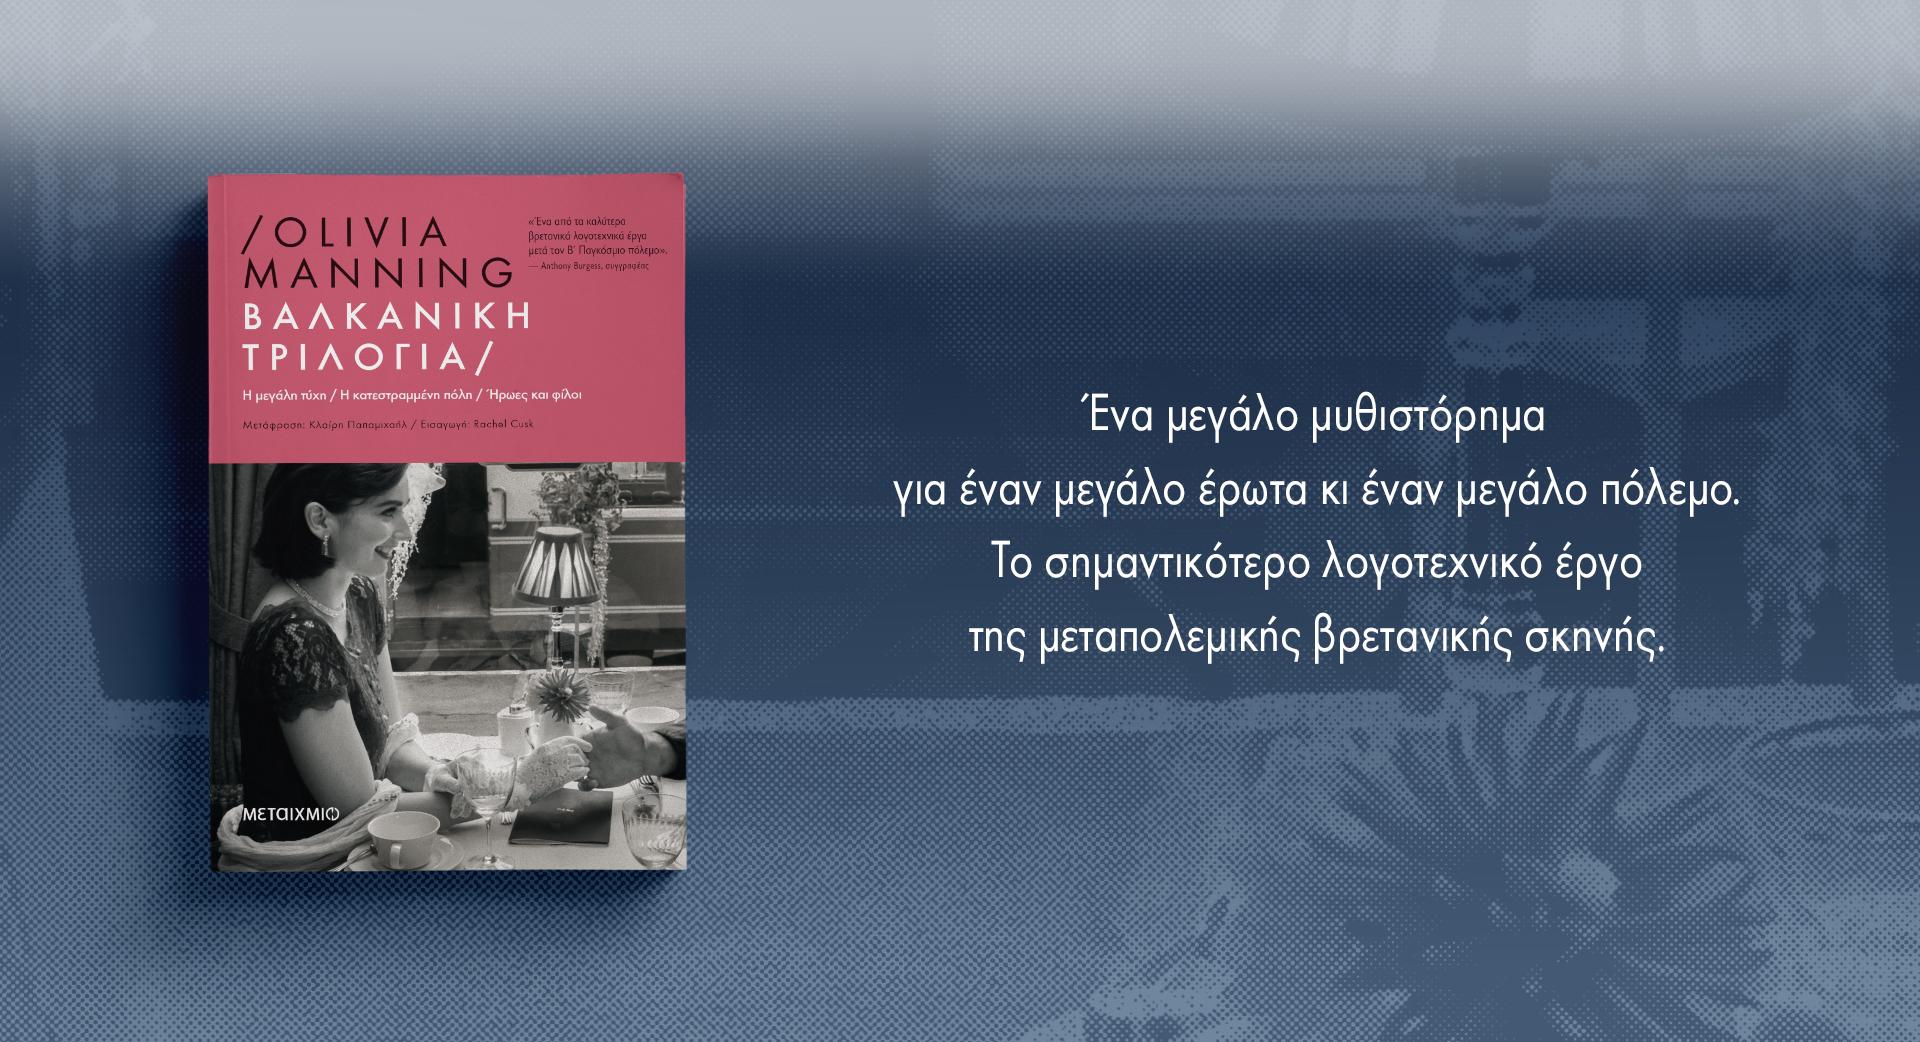 Valkaniki trilogia 1920x1042